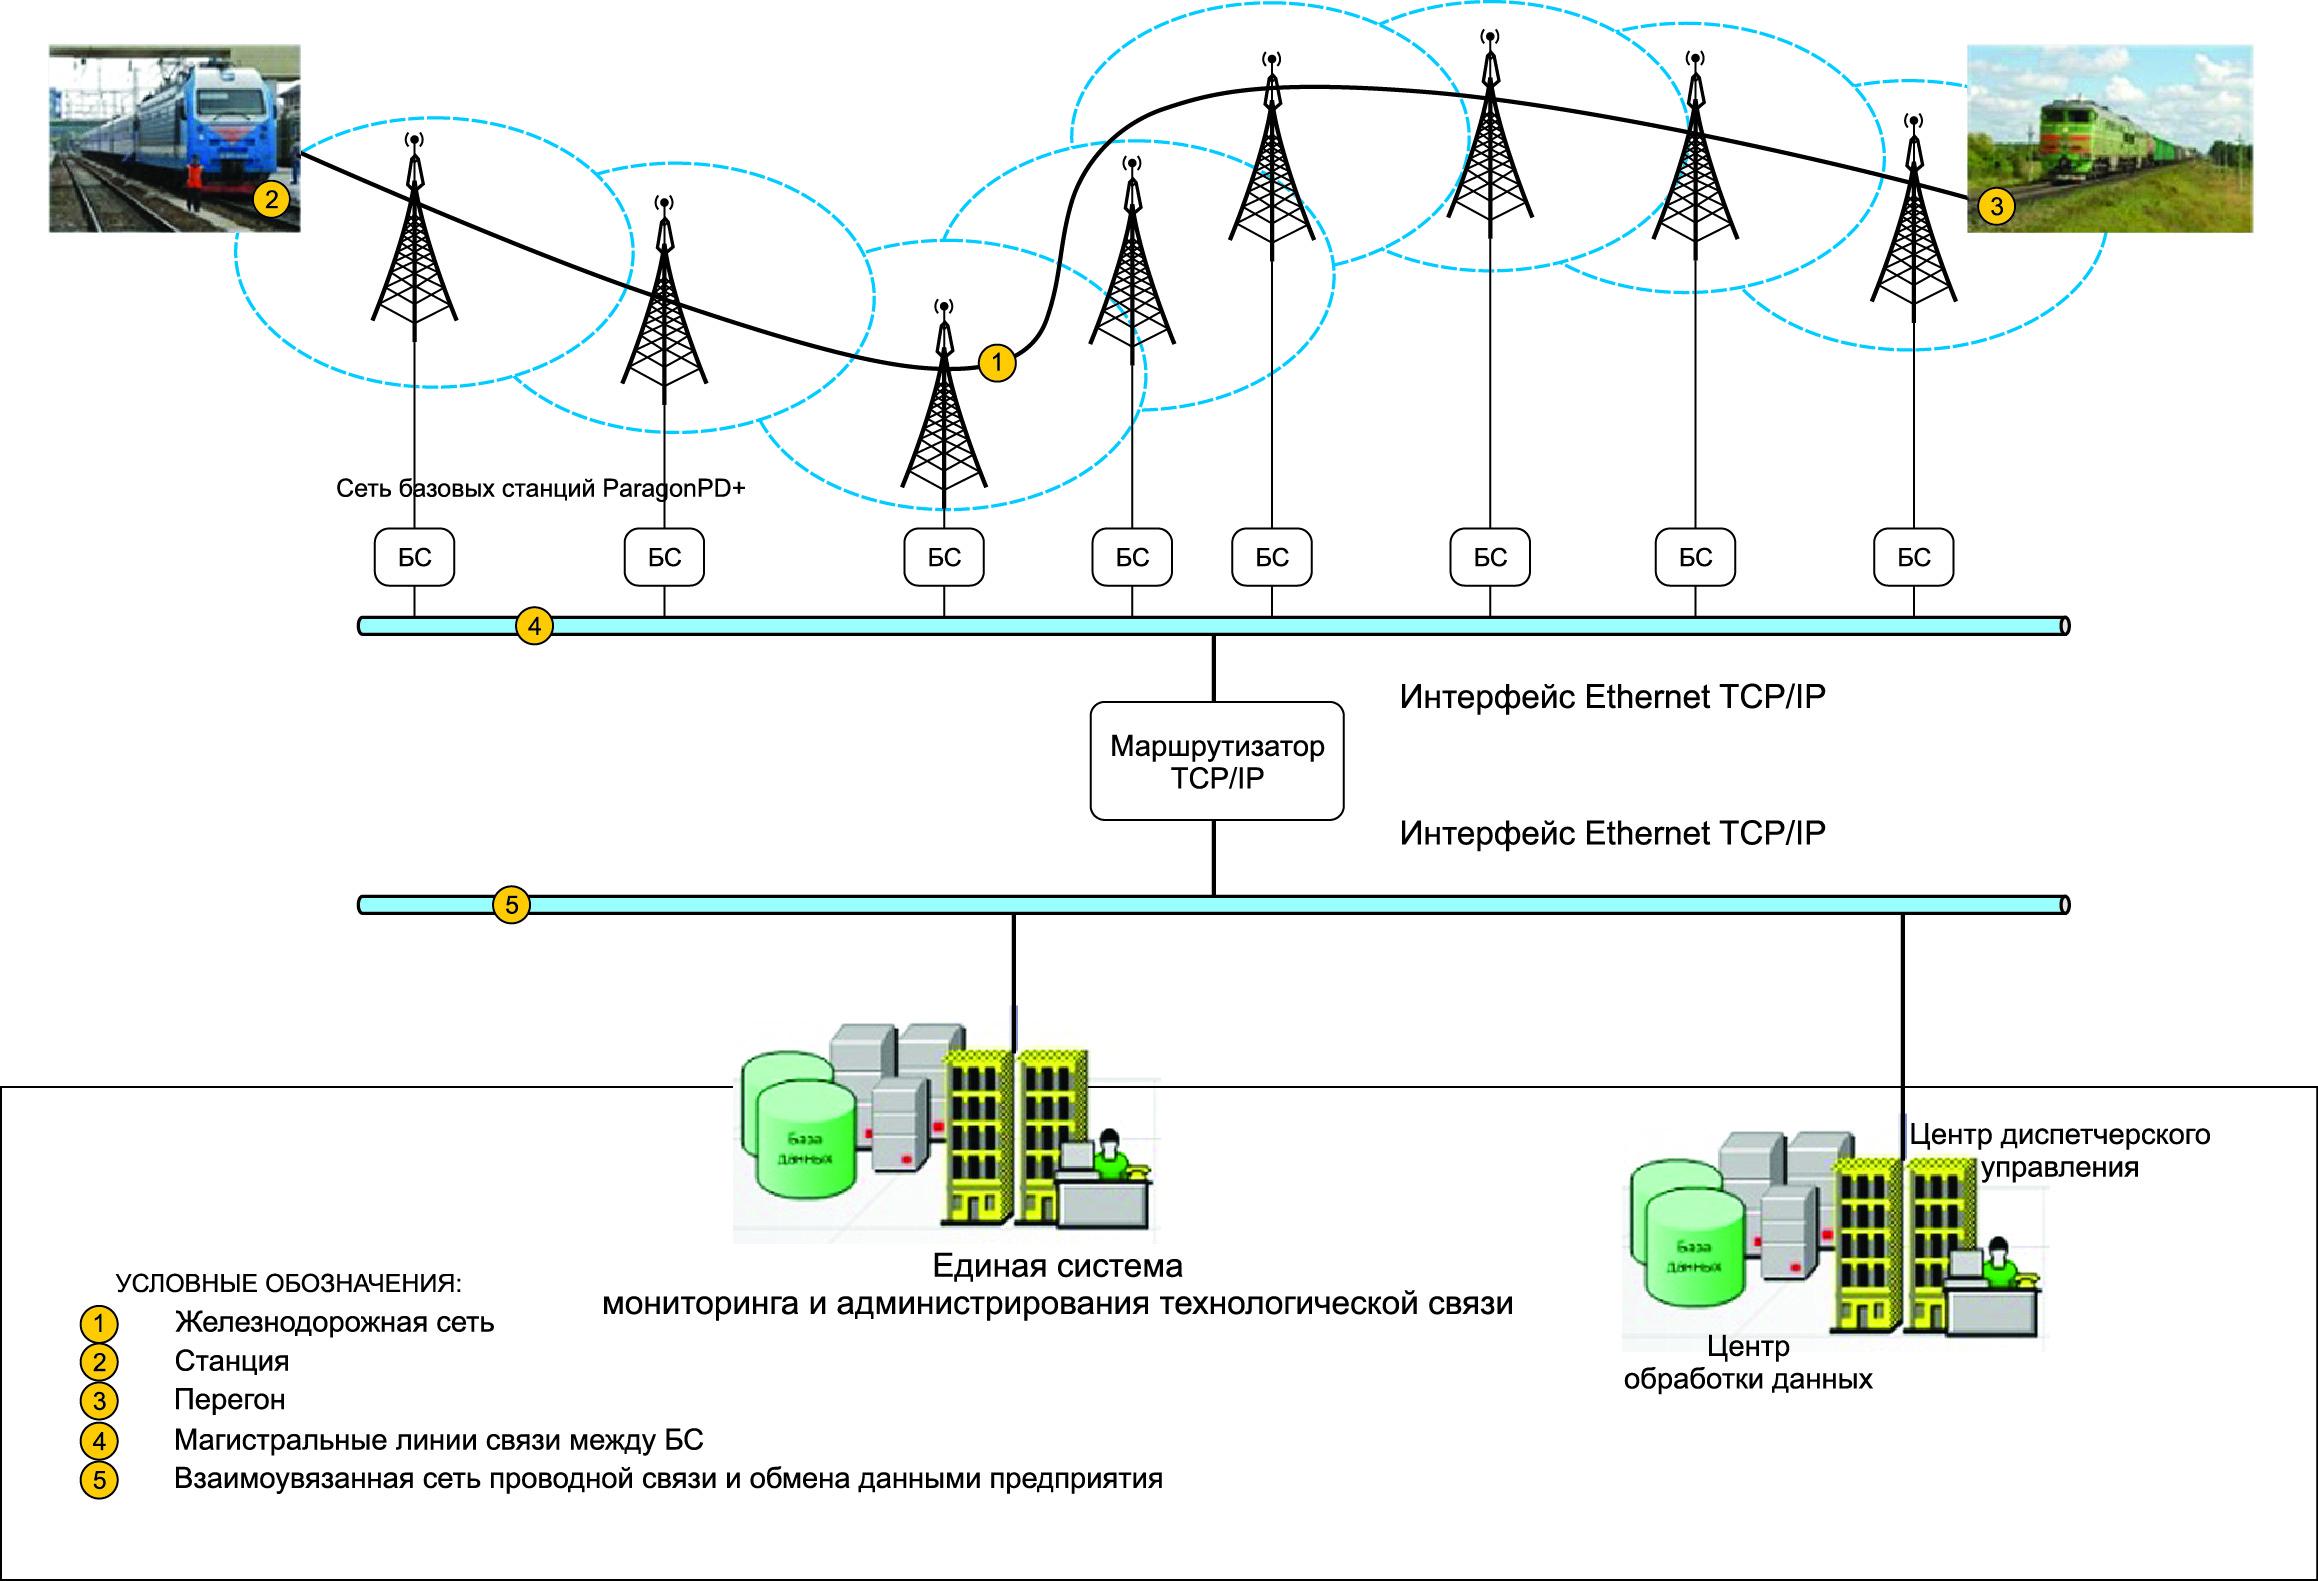 Типовая схема конвенциональной радиосети обмена данными для системы управления движением на железнодорожном транспорте на базе радиомодемов ParagonG3/GeminiG3